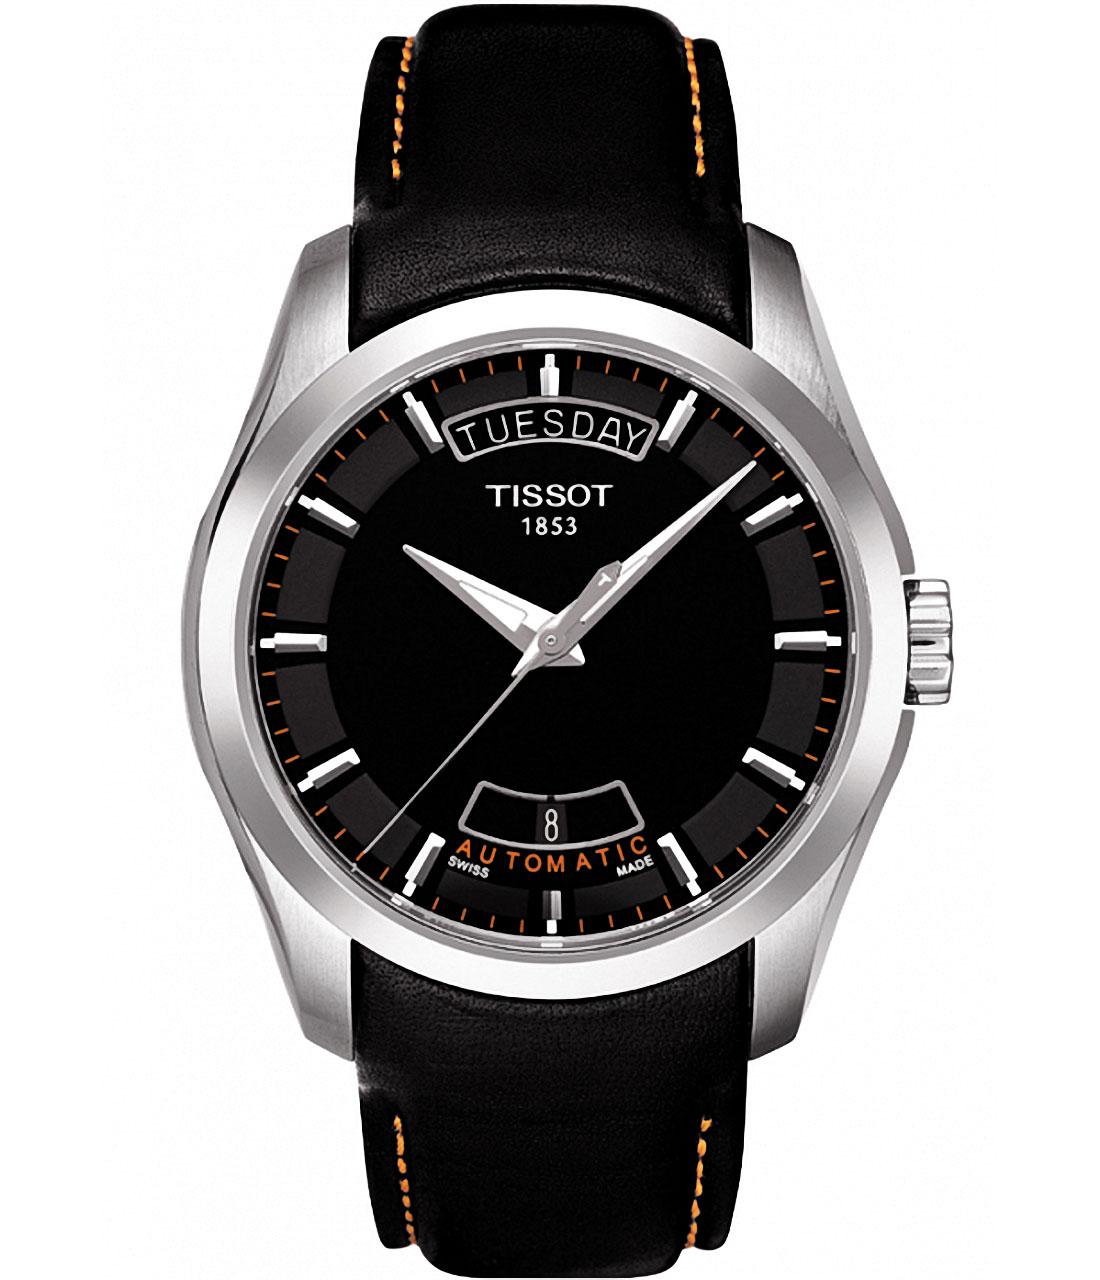 天梭TISSOT-库图系列 T035.407.16.051.01 机械男表